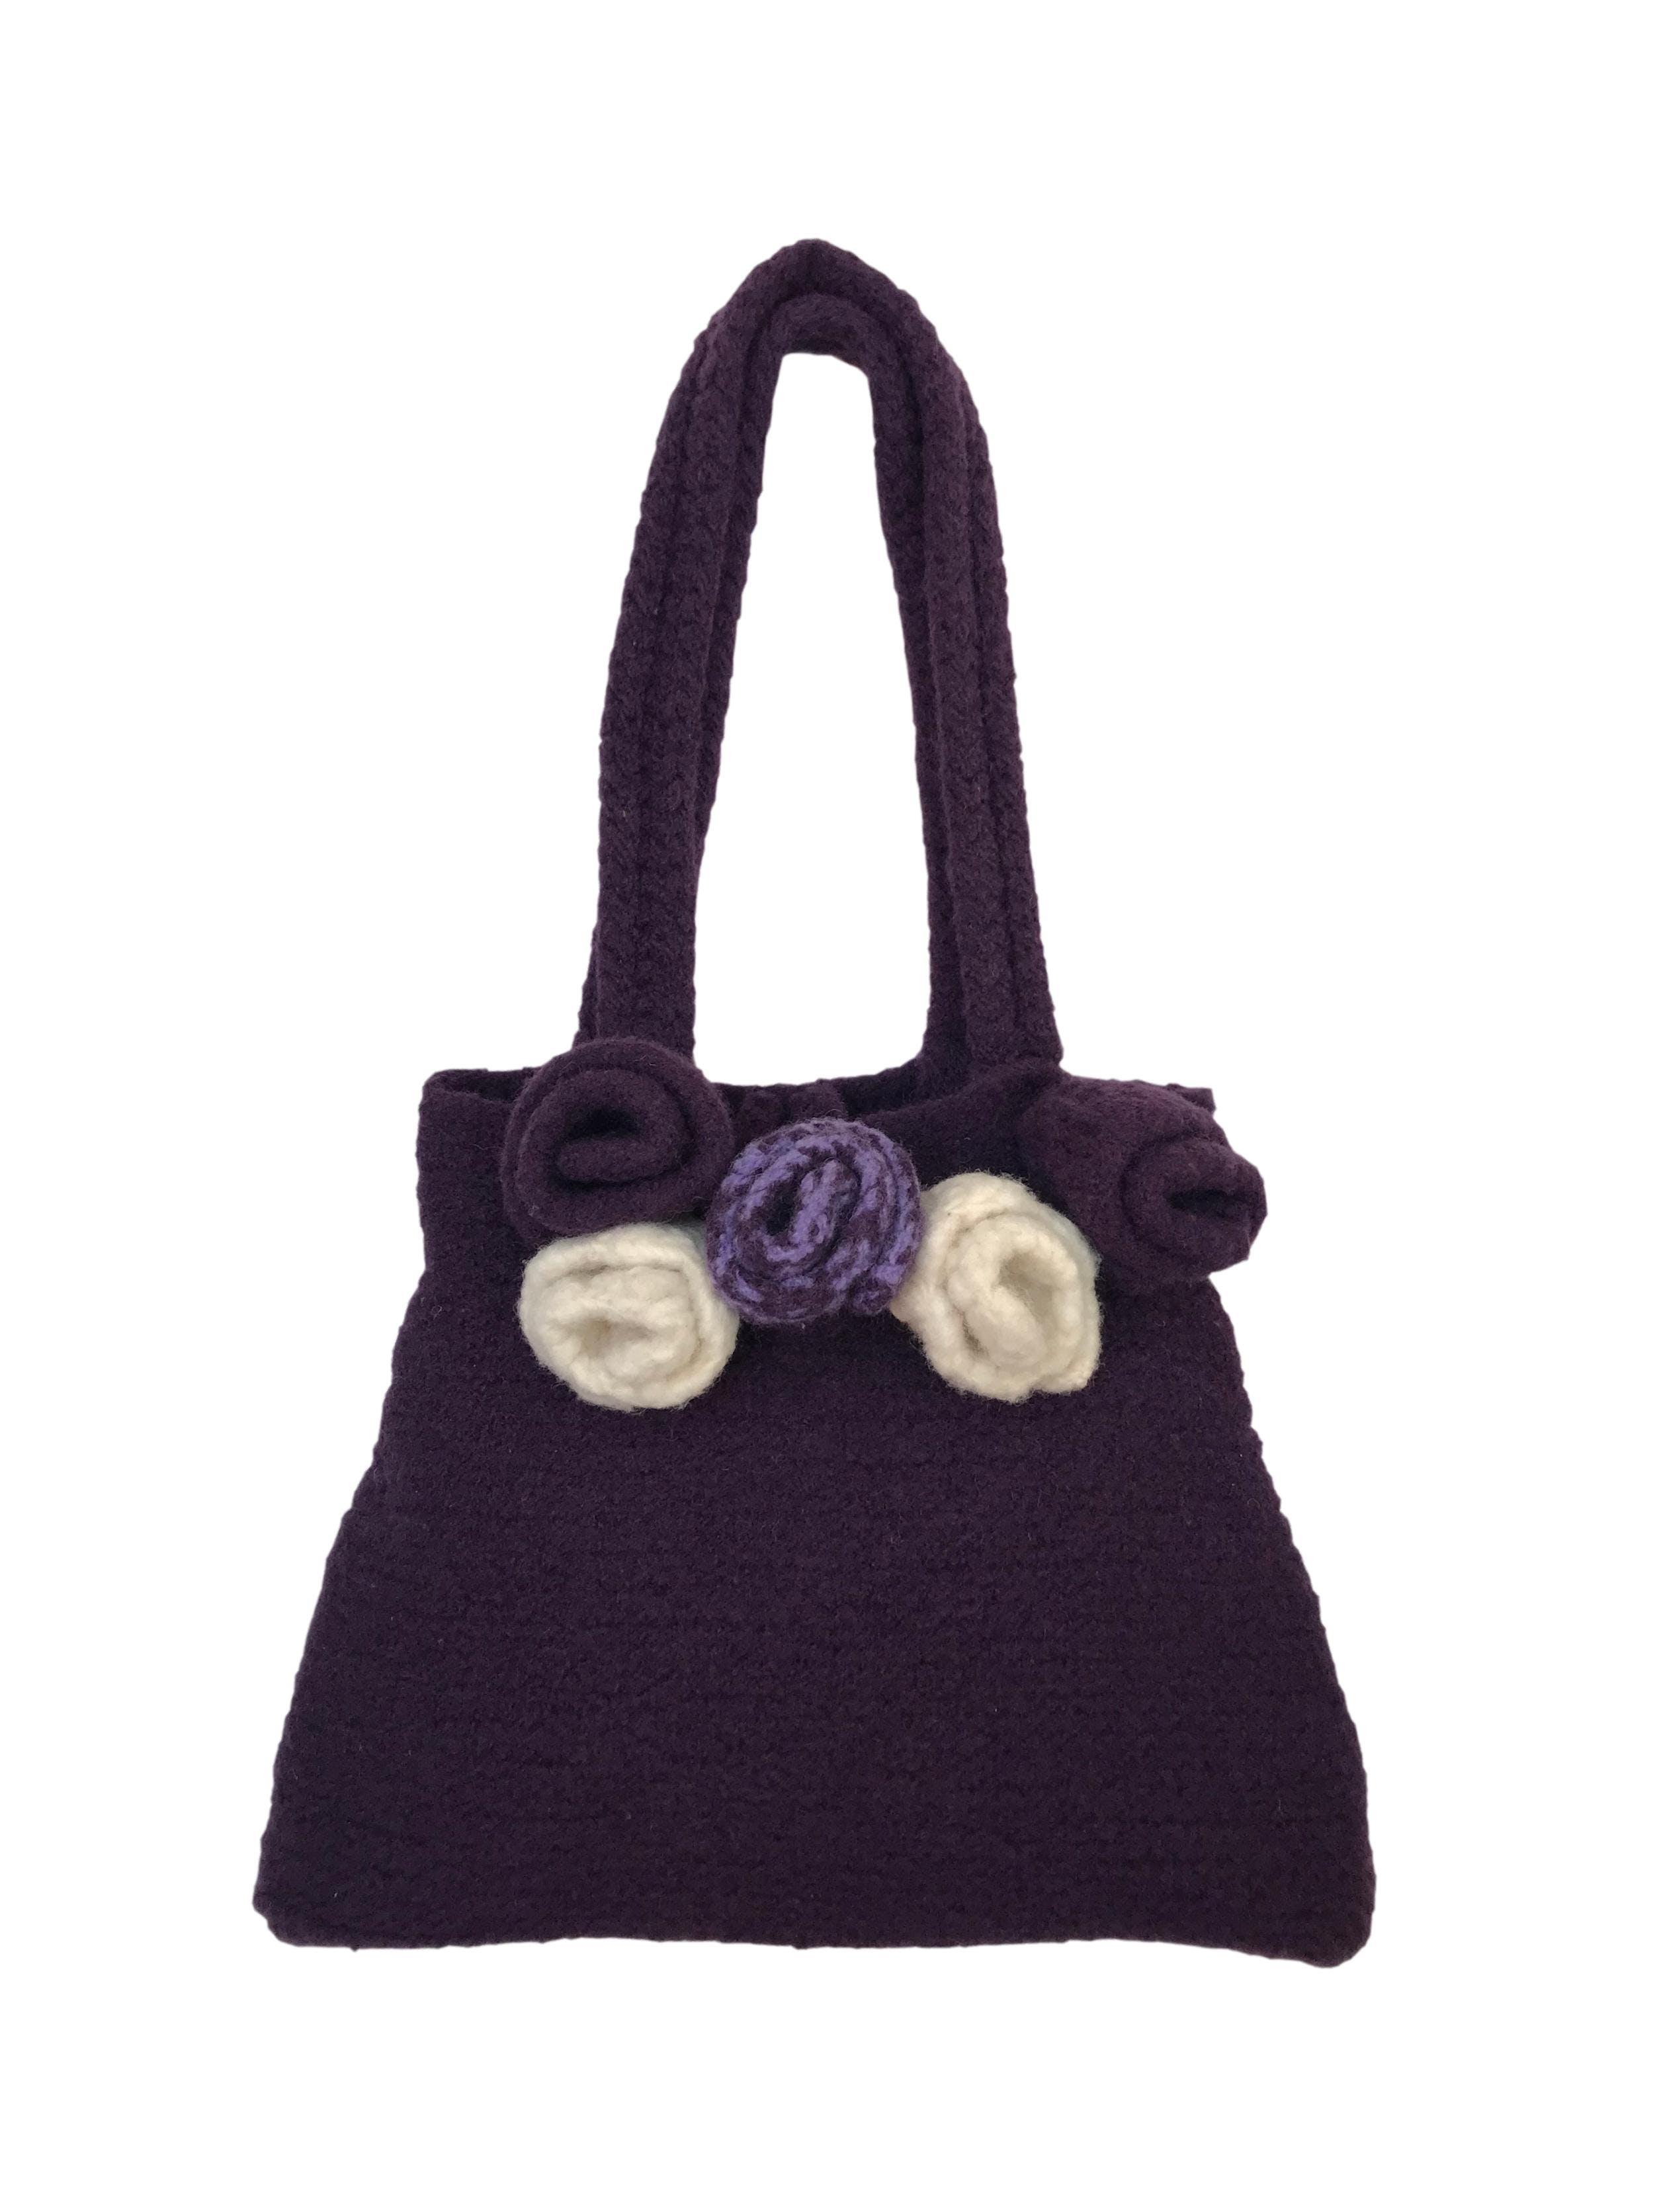 Cartera 100% lana morada con aplicaciones de flores, es forrada, compartimento con cierre interno y doble asa. Alto: 23 cmLargo: 30 cmAncho: 7 cm